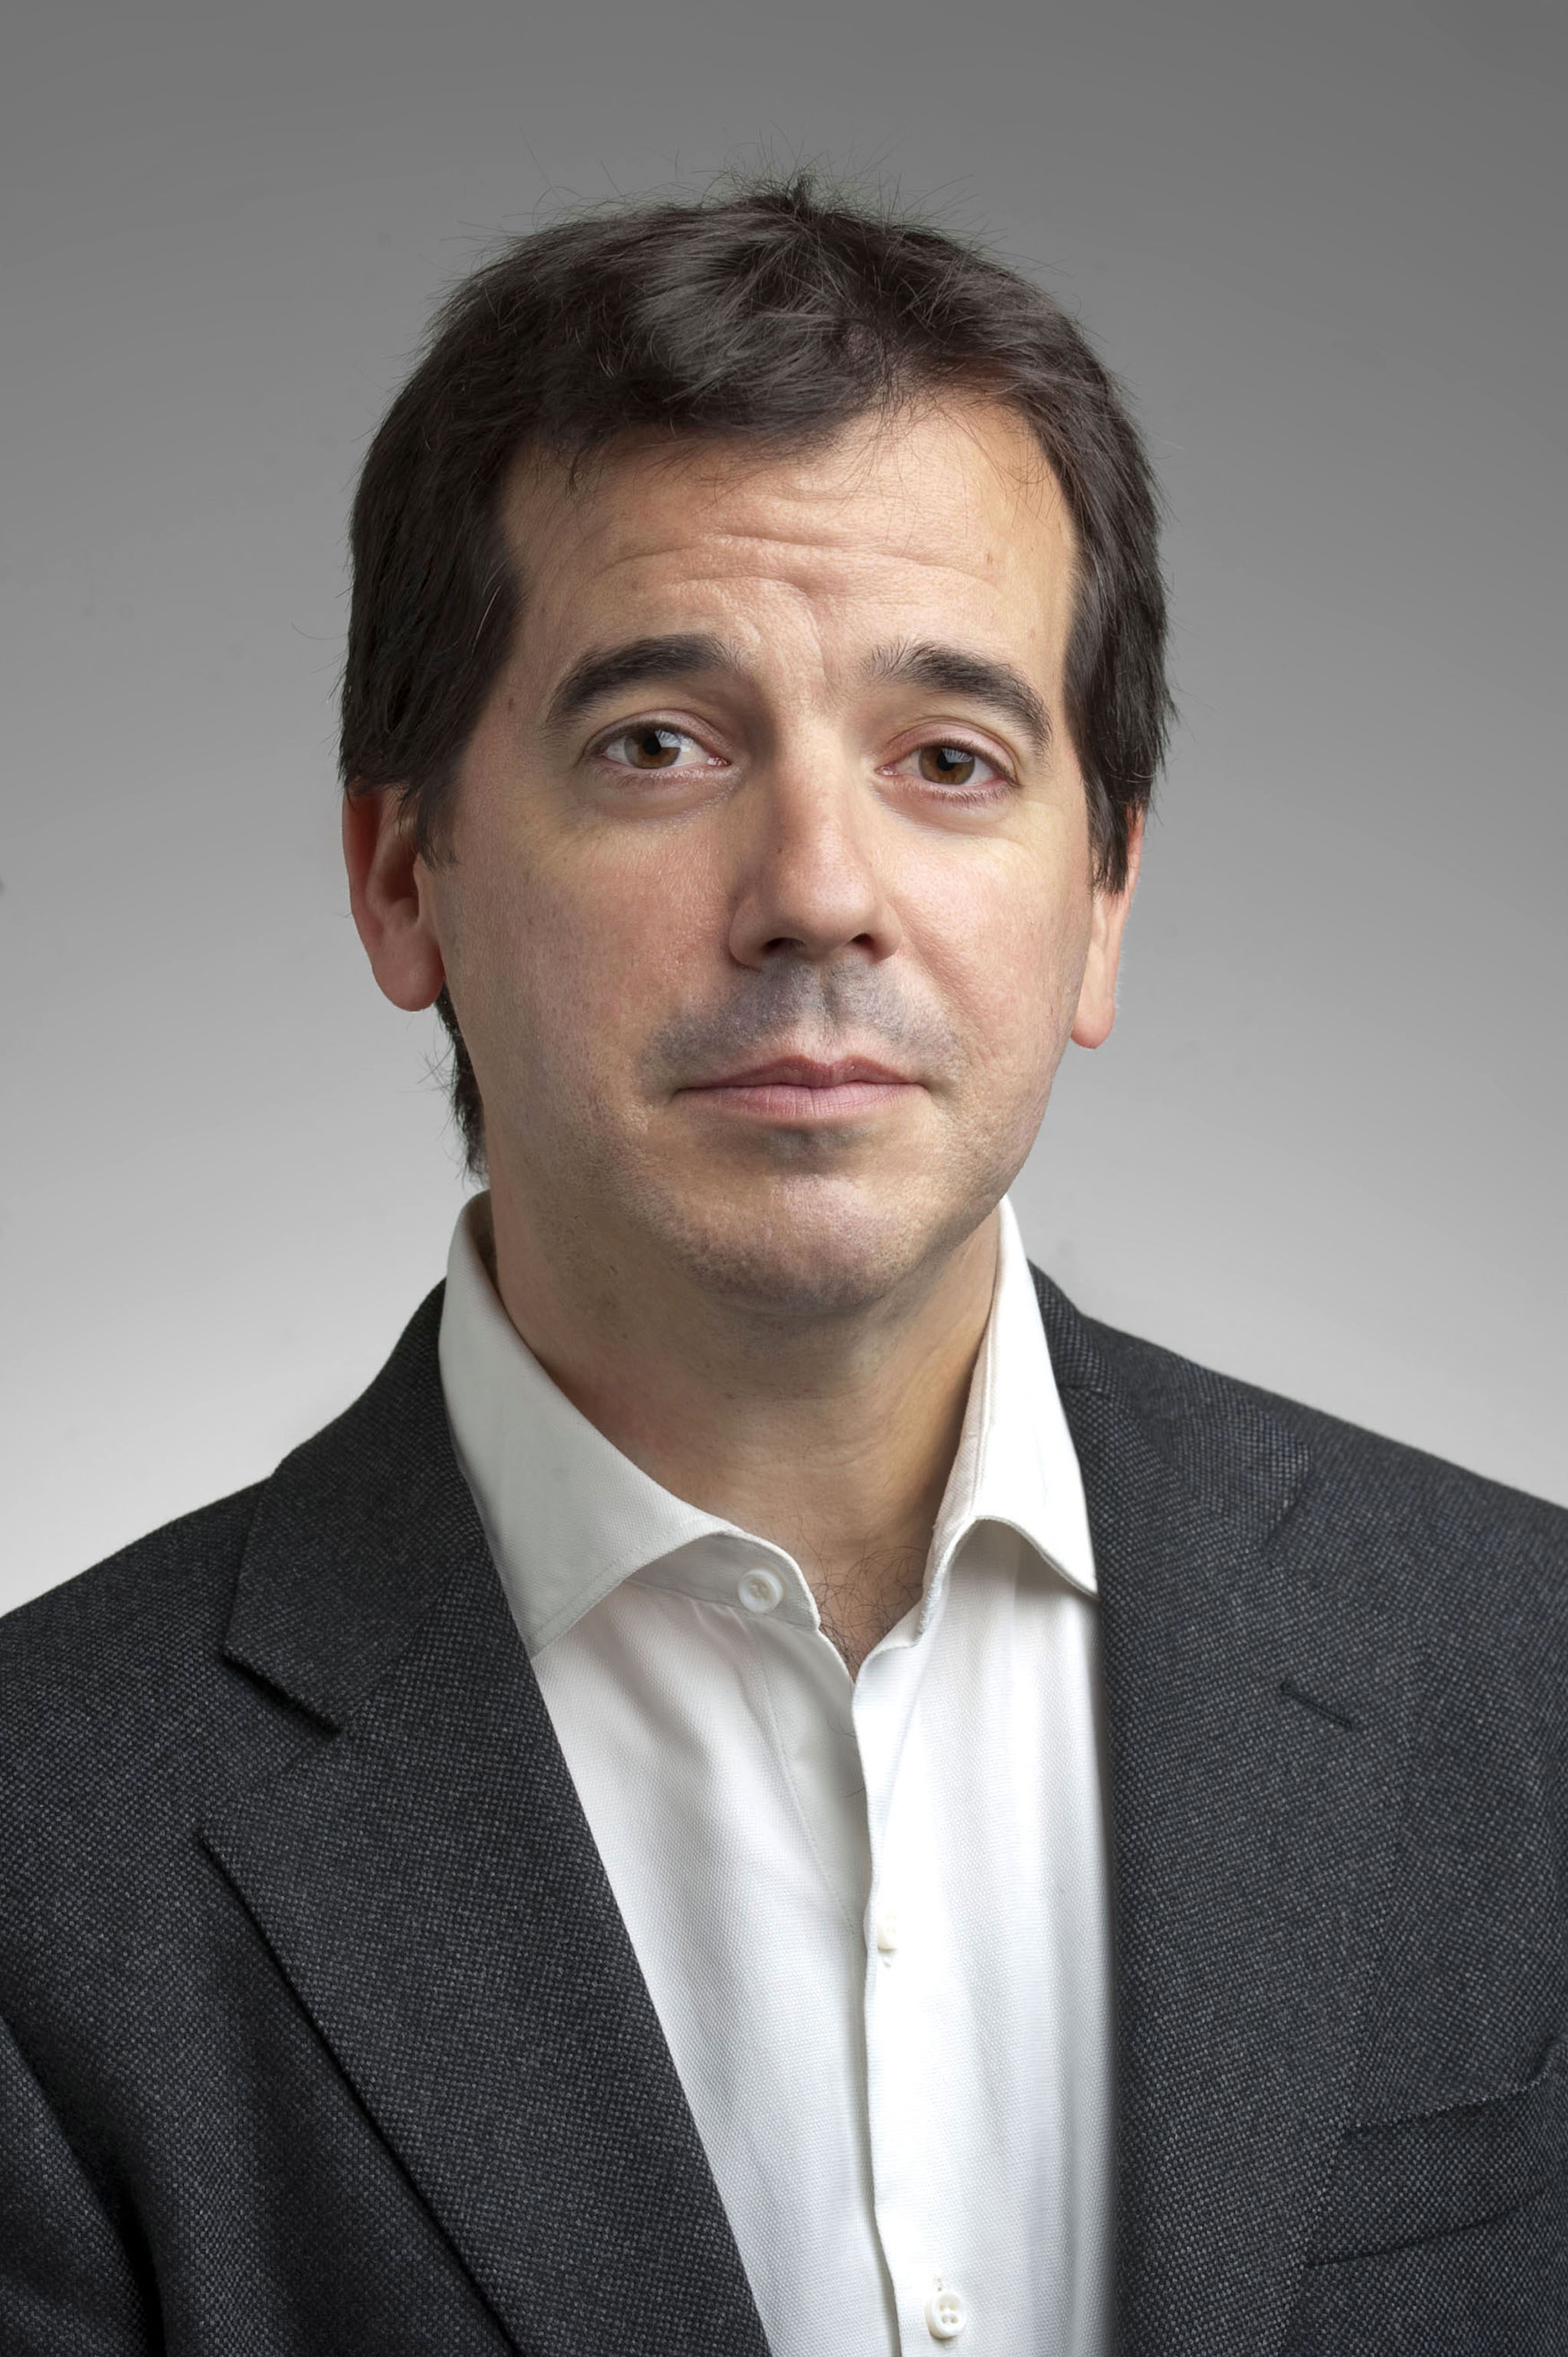 Mikel Irujo, Delegado de Navarra en Bruselas. Fuente: Gobierno de Navarra